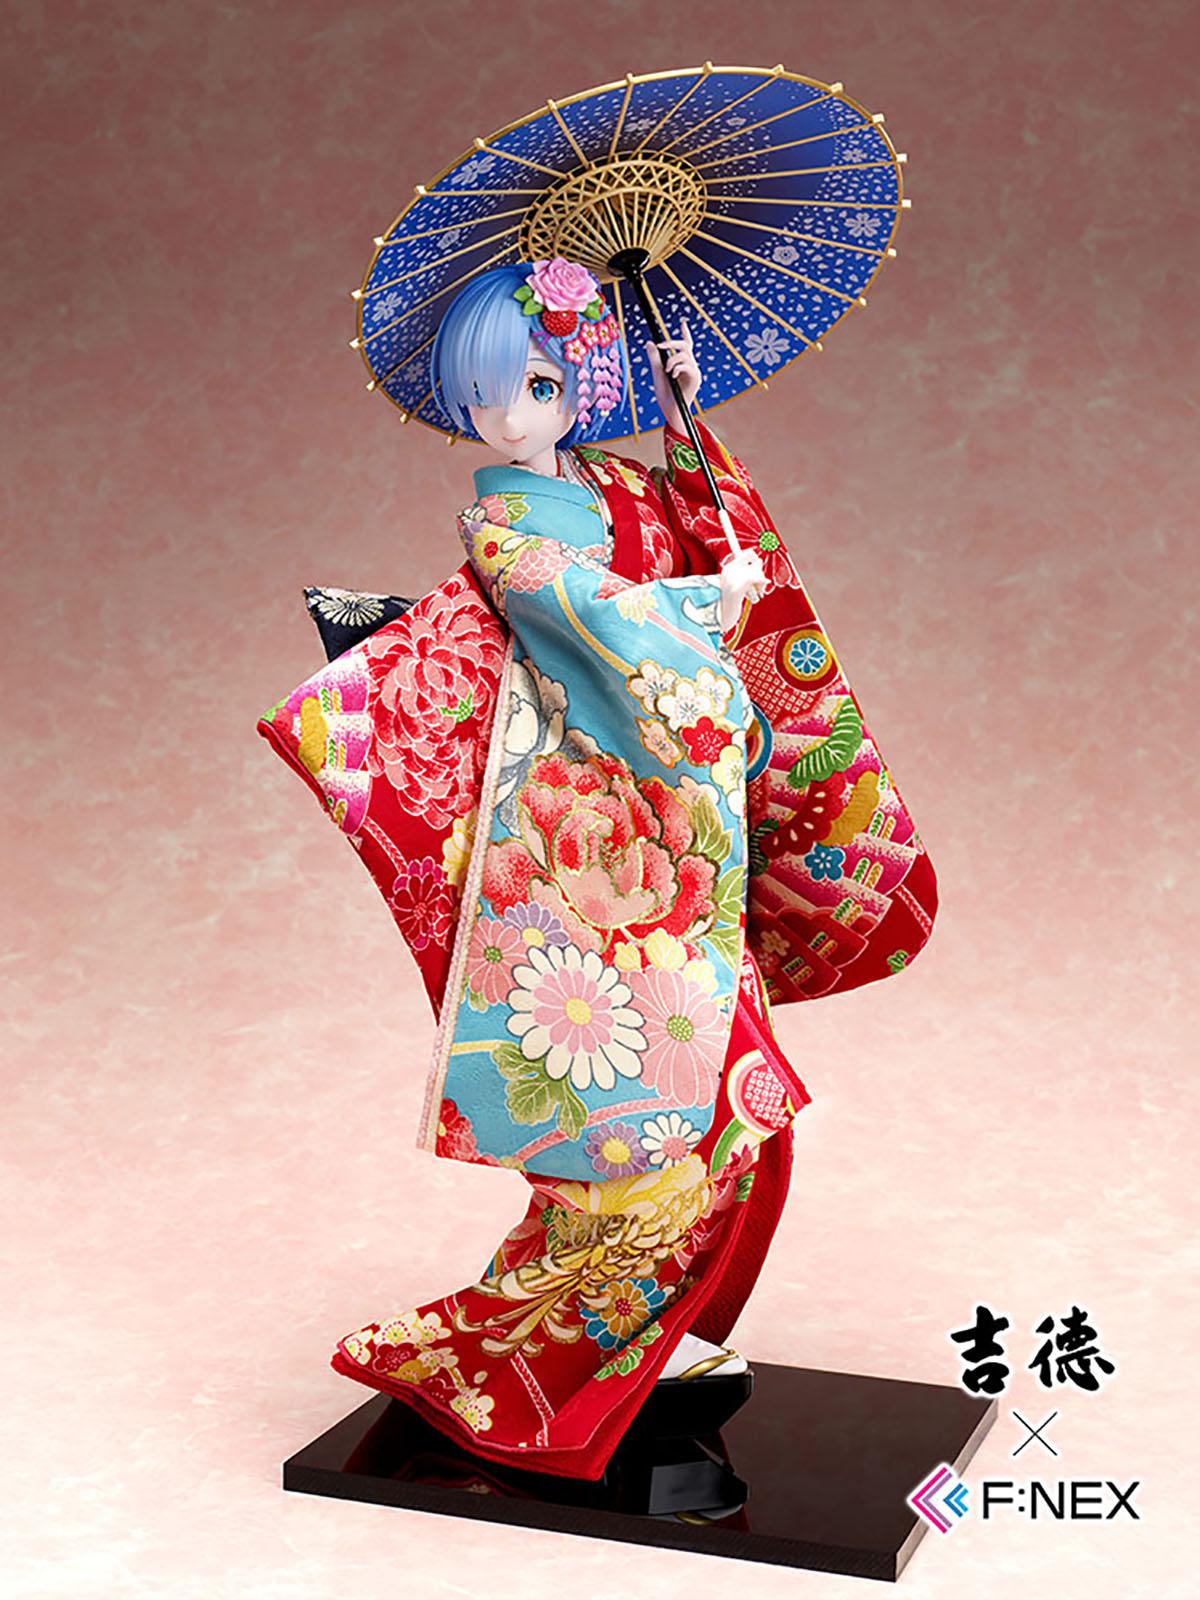 吉徳×F:NEX『レム -日本人形-』Re:ゼロから始める異世界生活 1/4 美少女フィギュア-001